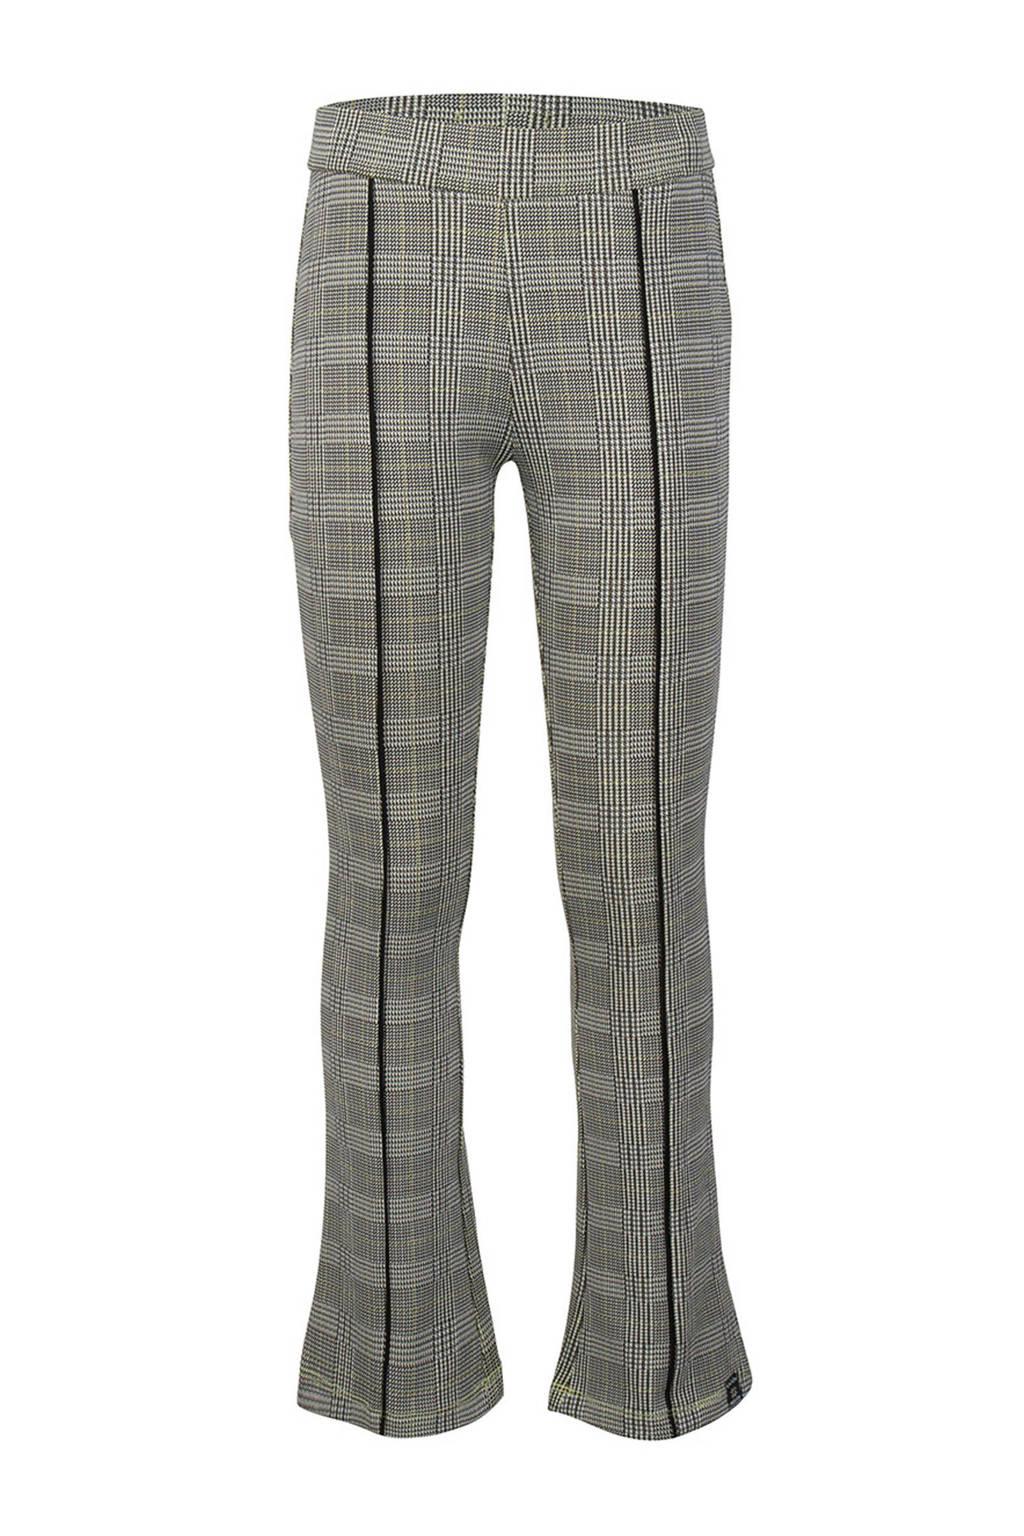 Indian Blue Jeans geruite flared broek met zijstreep grijs, Grijs